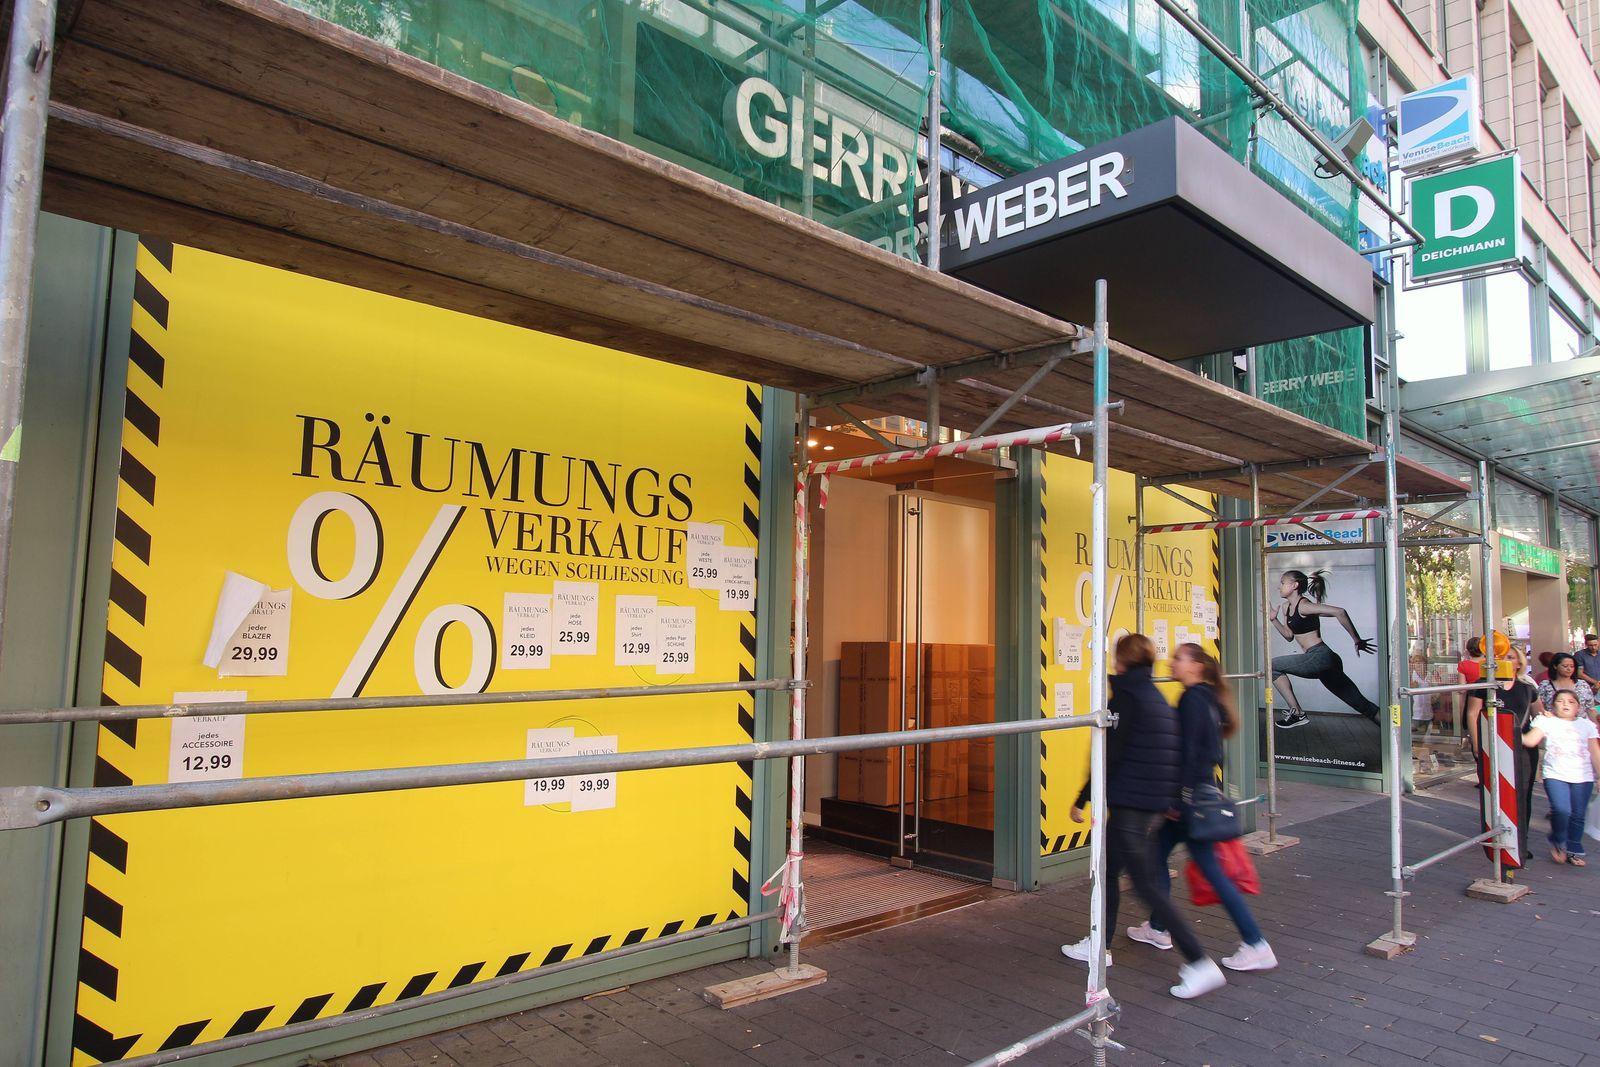 Räumungsverkauf wegen Schließung einer mit Baugerüst und Schutzplane versehenen Gerry Weber Filiale in der Innenstadt M